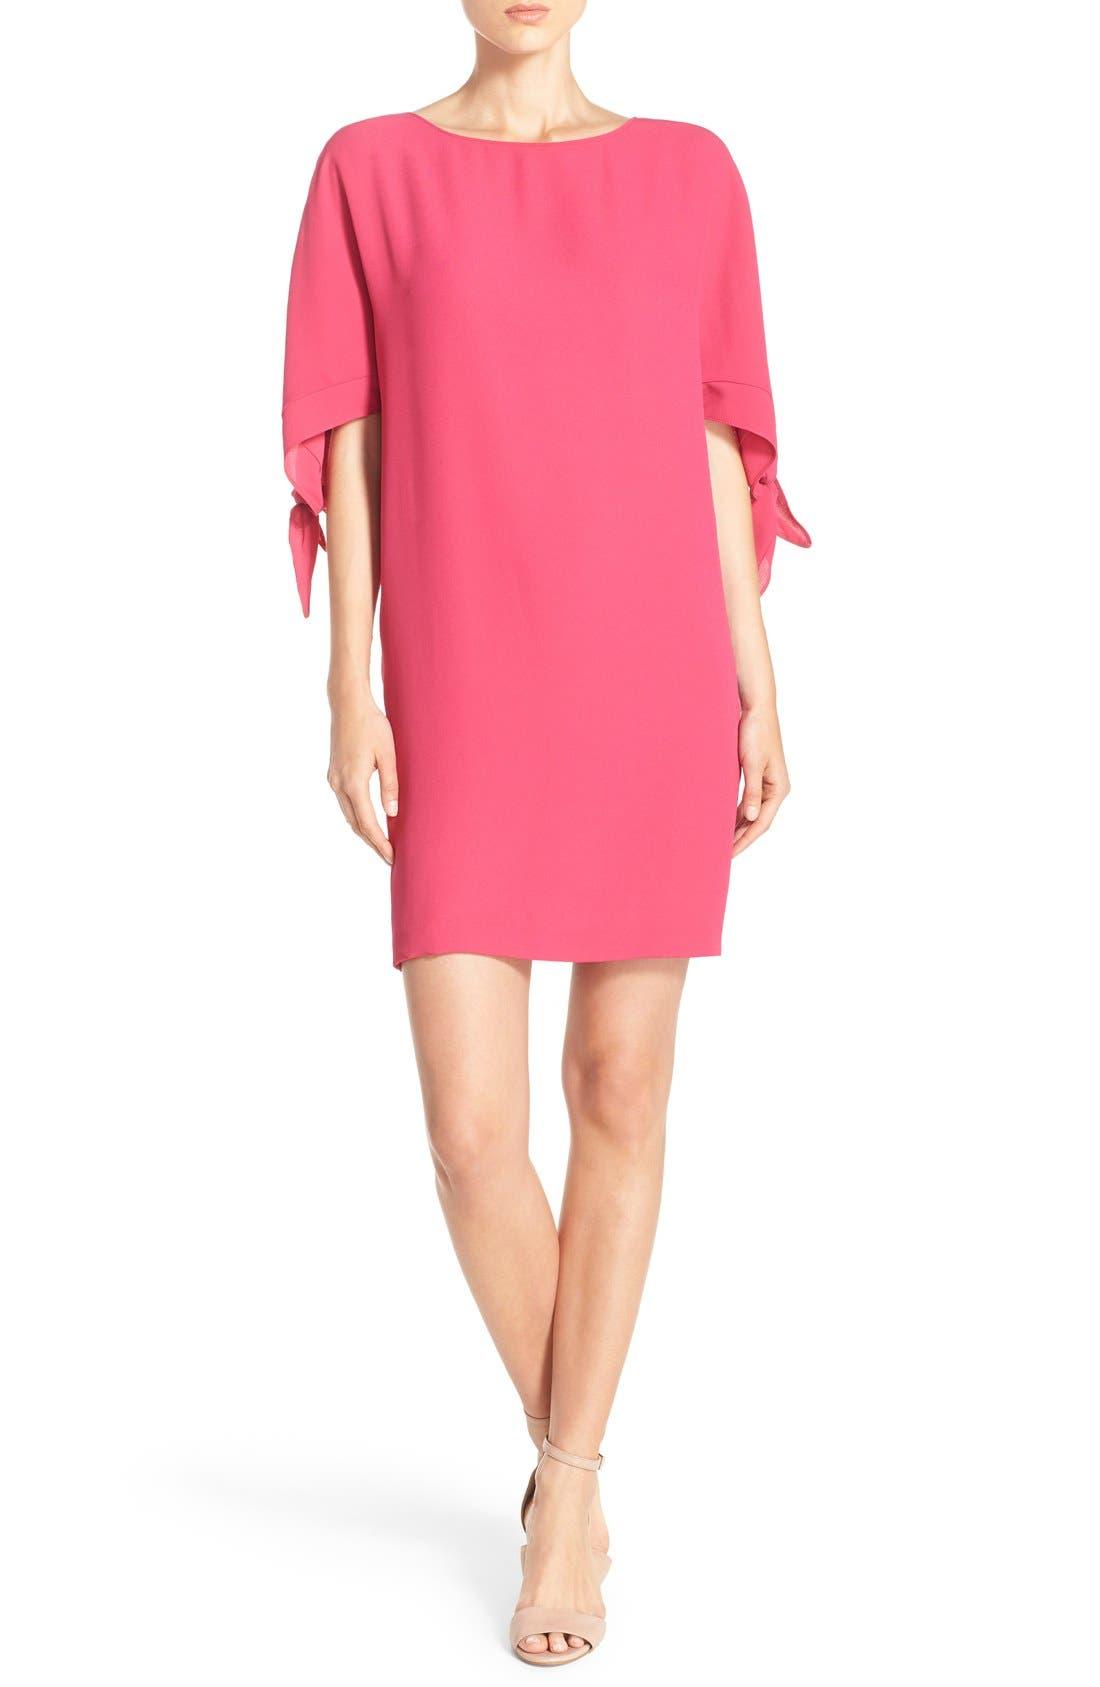 VINCE CAMUTO Cold Shoulder Shift Dress, Main, color, 660